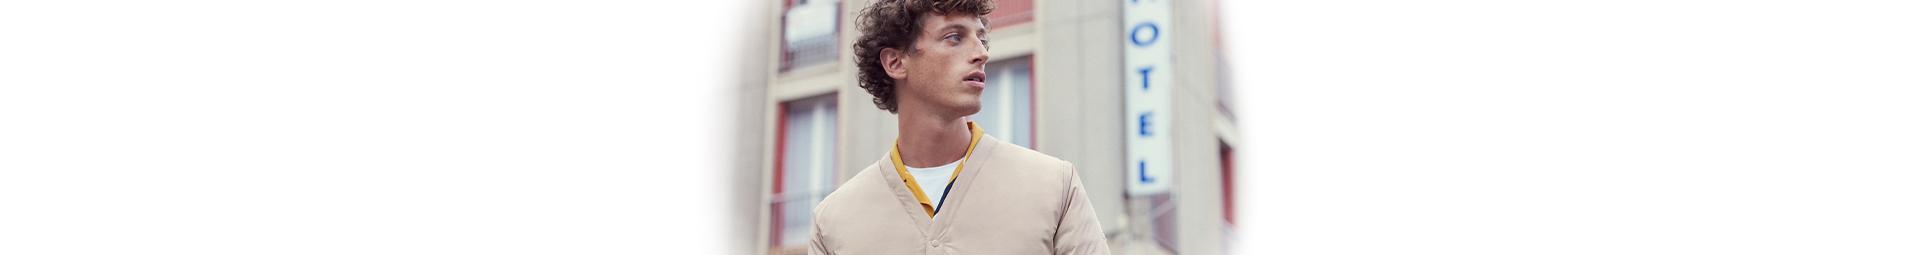 Lightweight mens, lightweight down jackets | Pyrenex